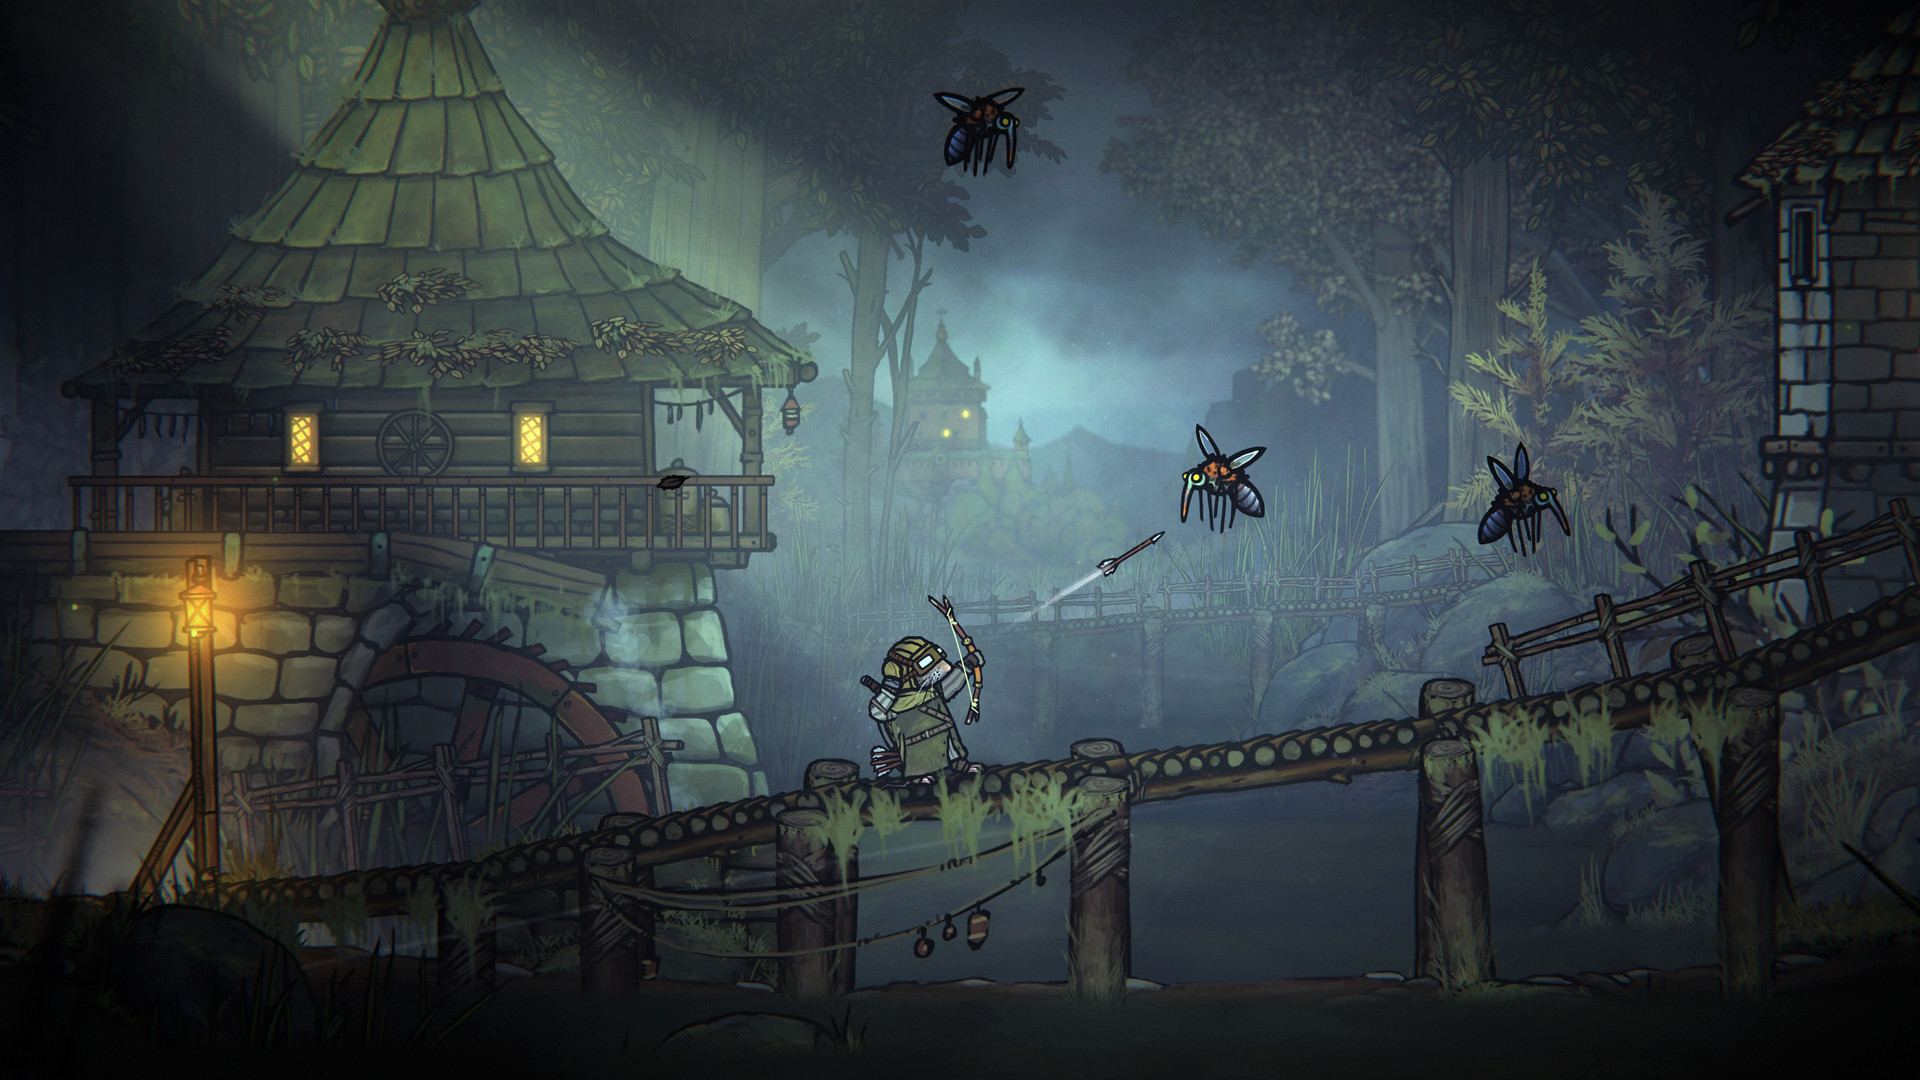 类魂游戏《钢铁之尾》今日正式发售 Steam特别好评插图7